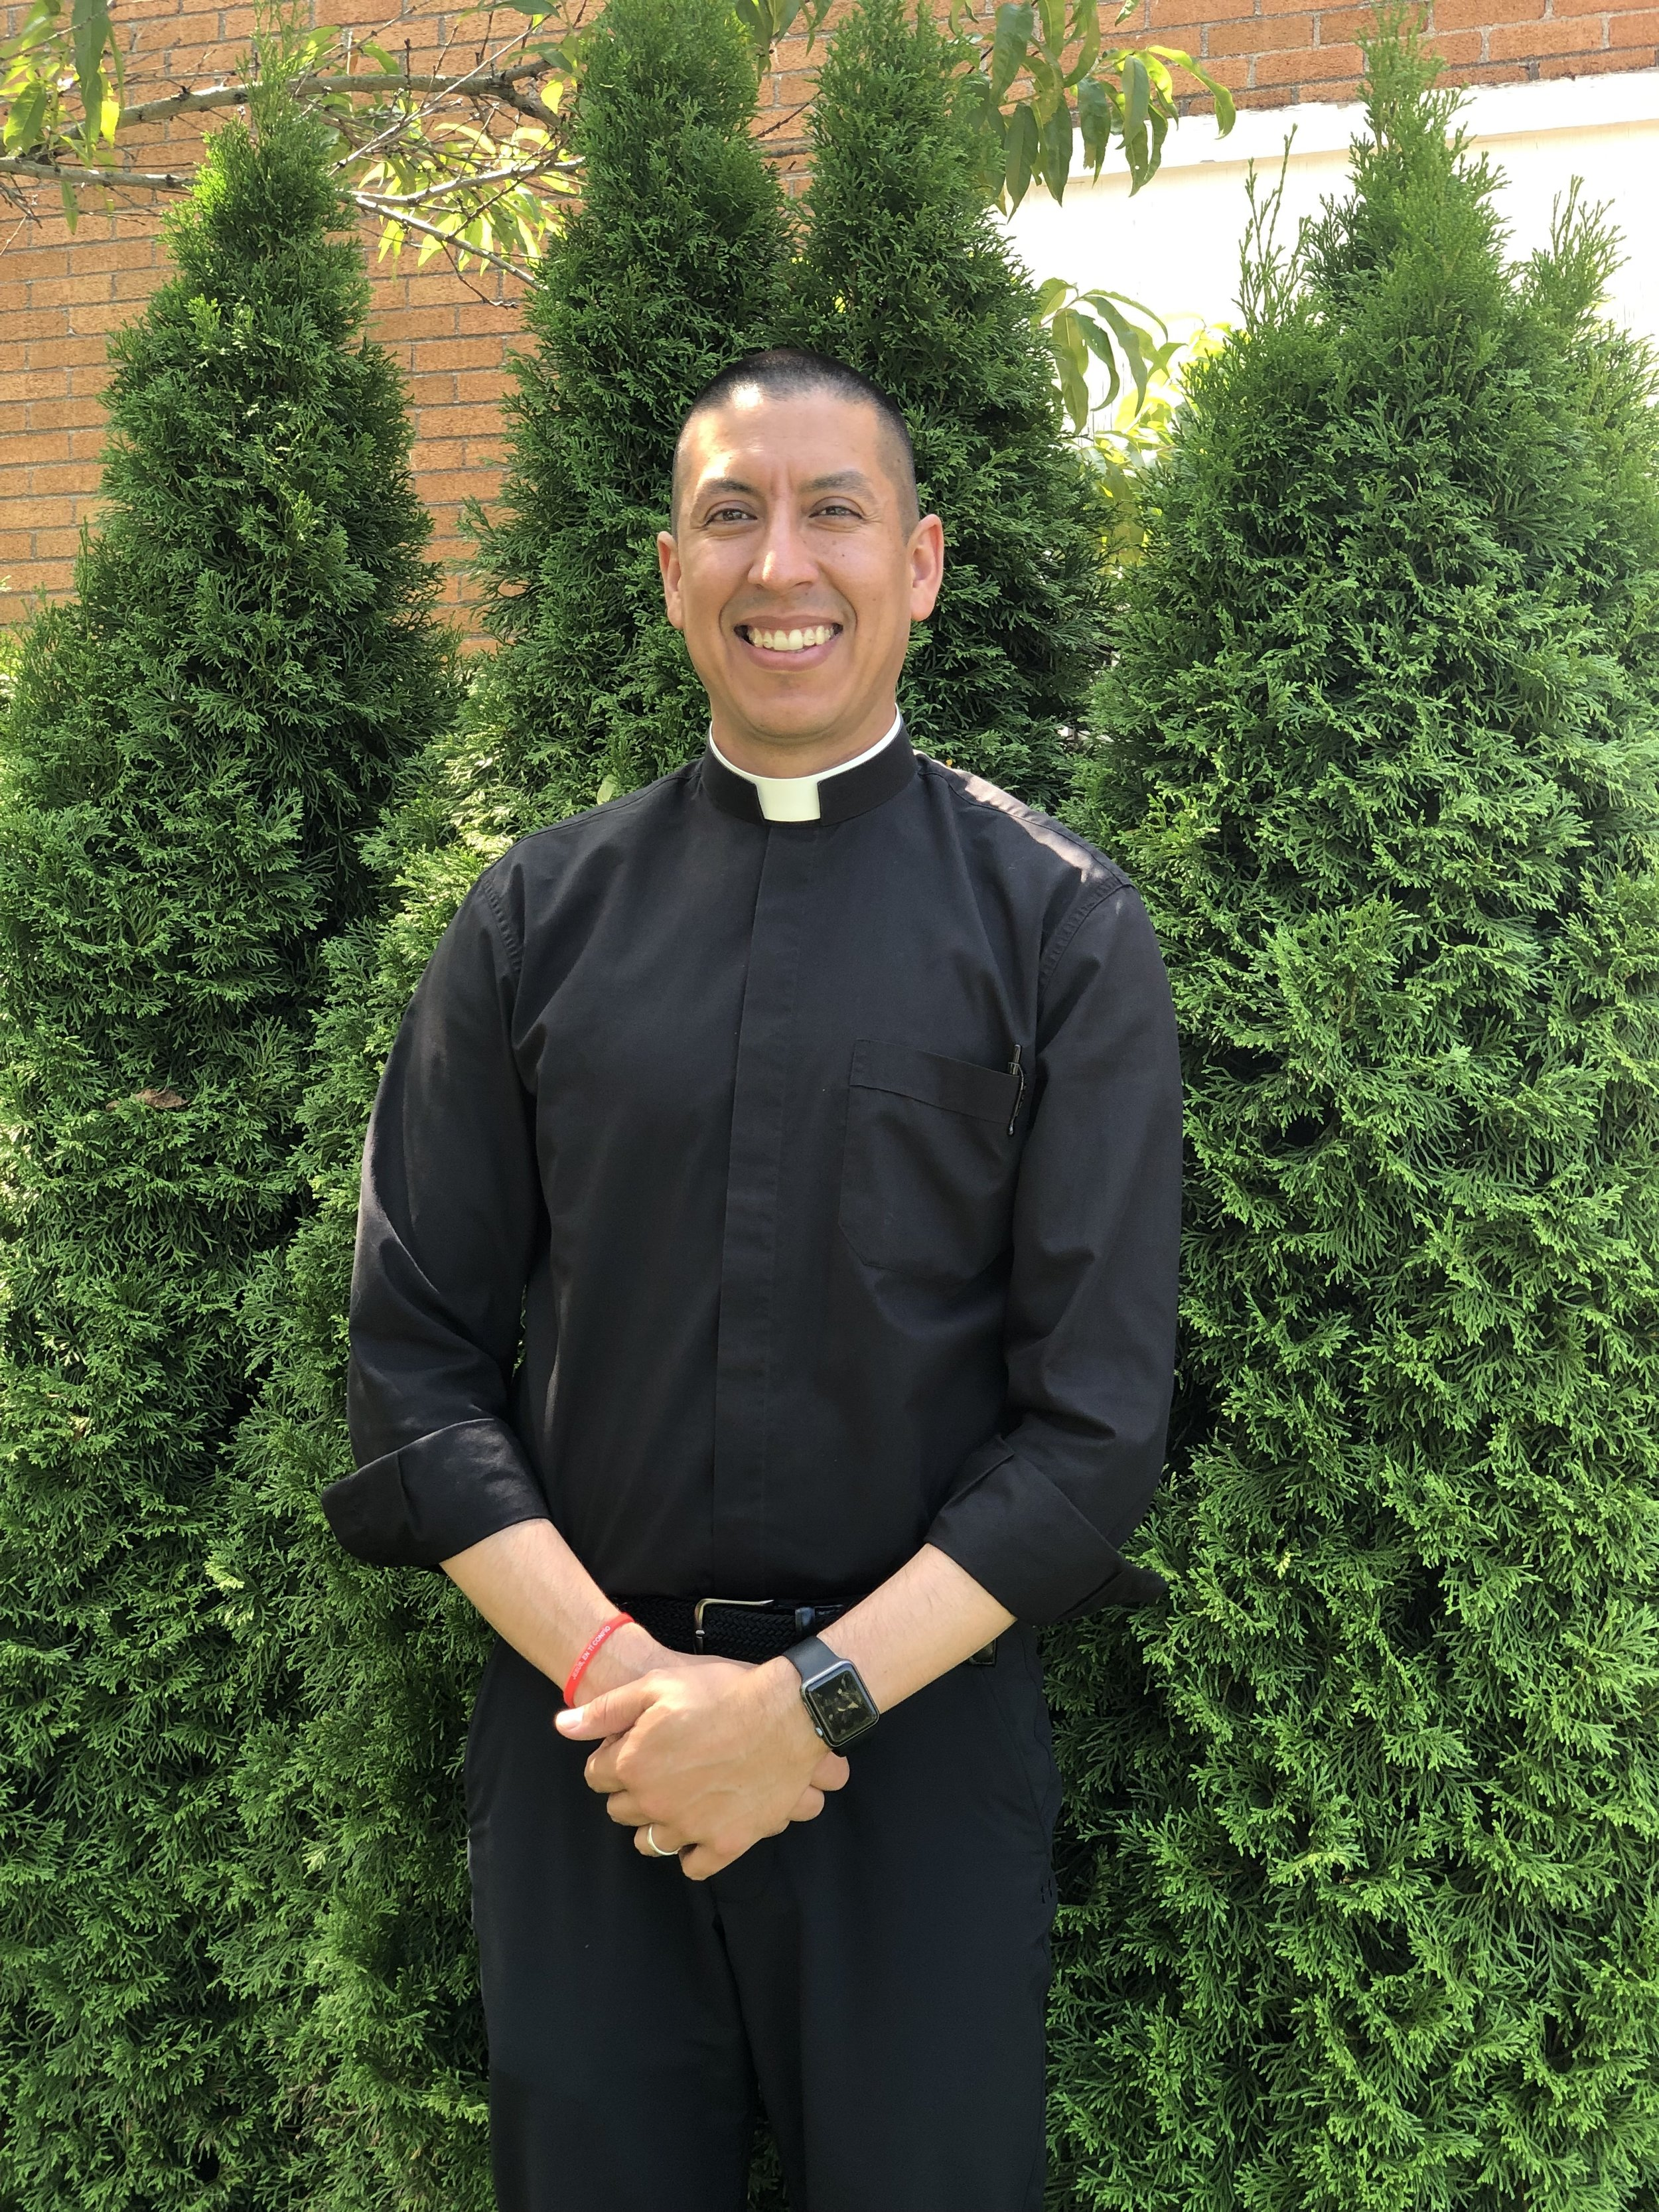 Fr. Roque Meraz - Associate Pastor219-962-8626Email: roquemeraz@gmail.com